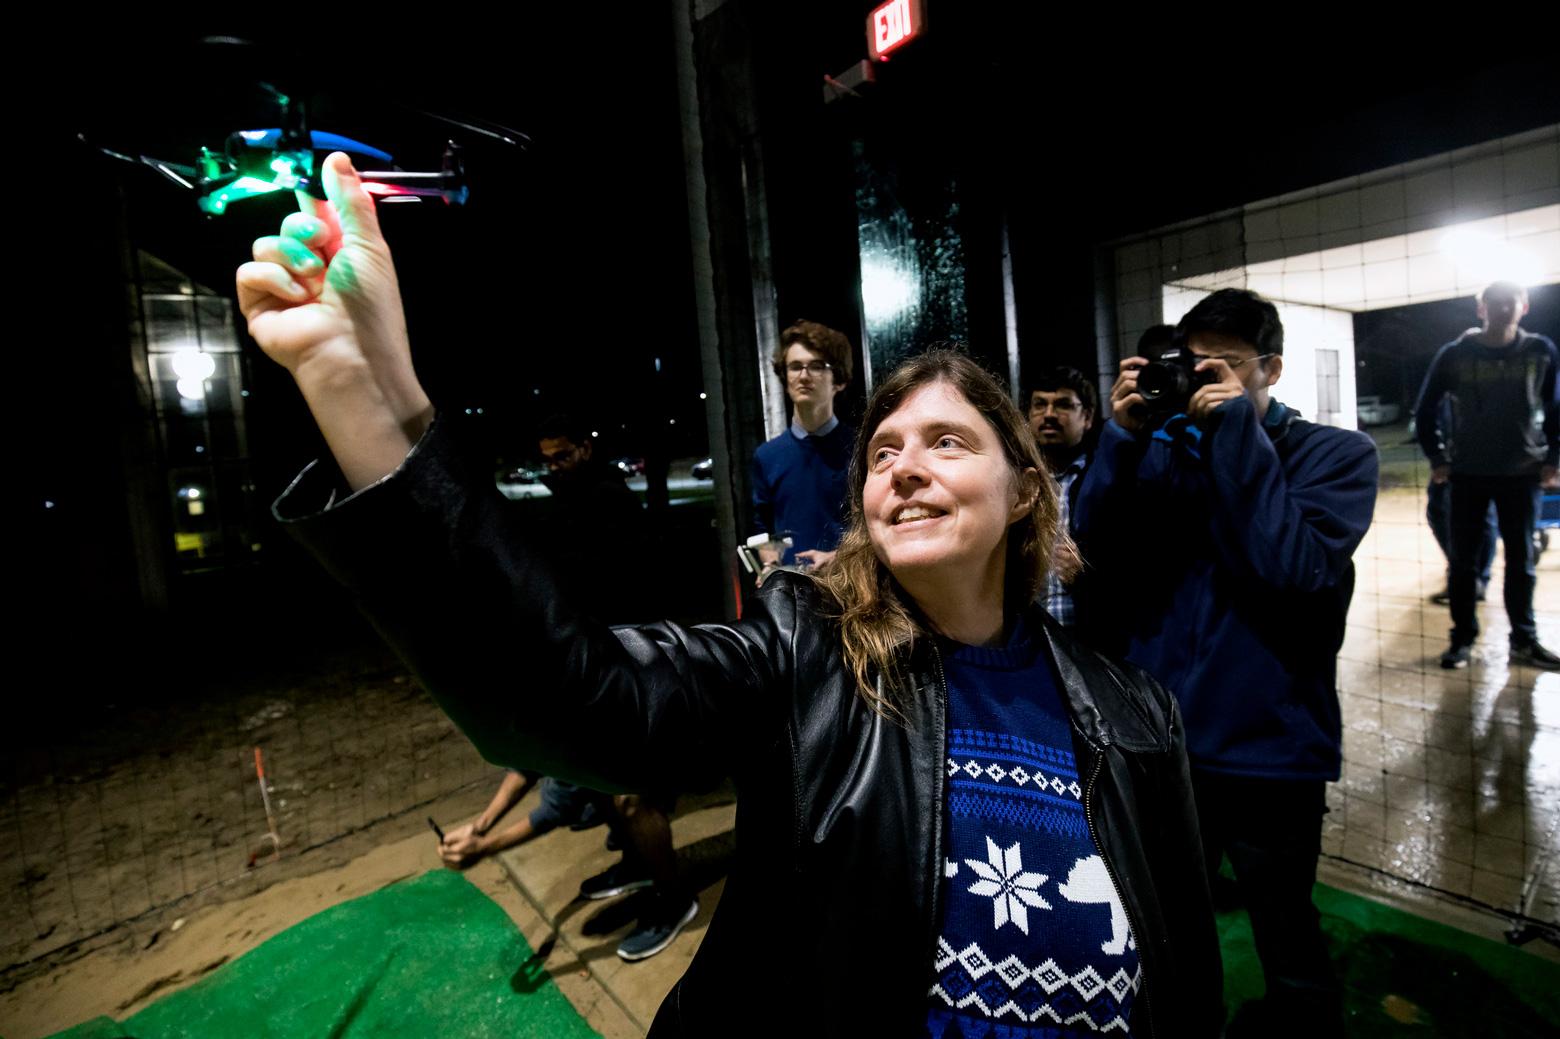 Ella Atkins with a drone